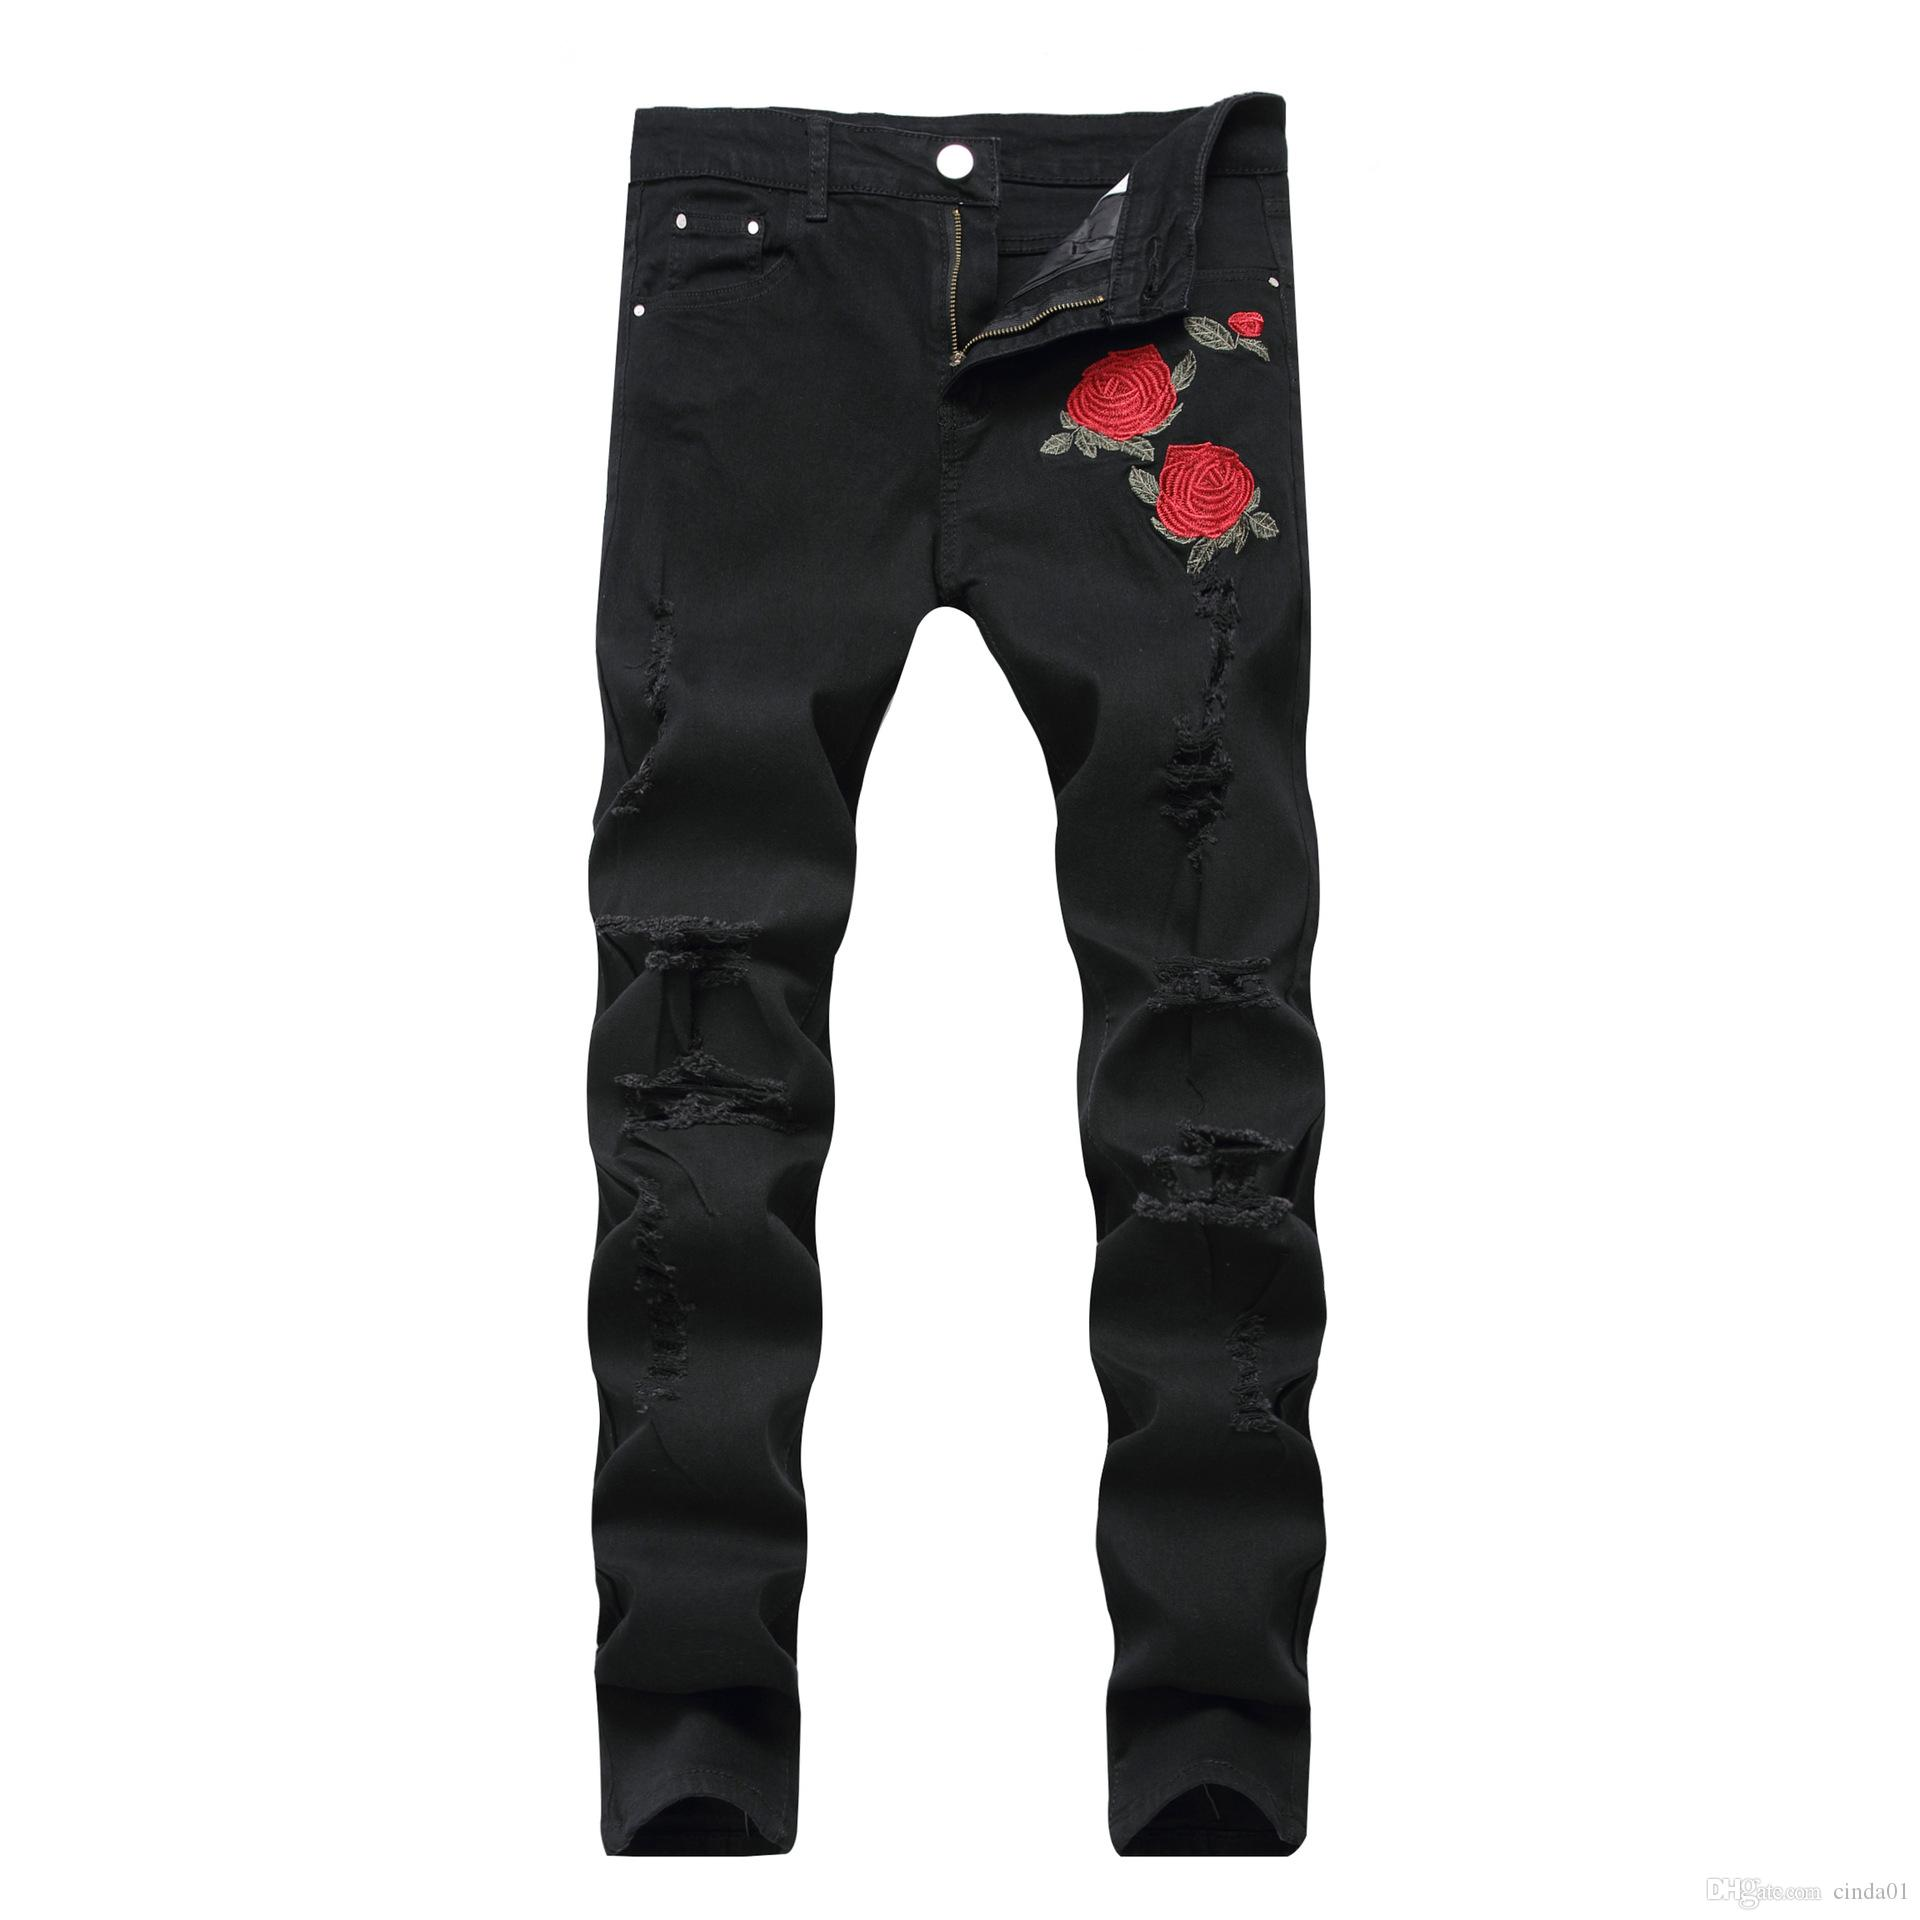 스키니 청바지 남성 로즈 자수 파란색과 검은 색 구멍 탄성 허리 슬림 플러스 사이즈 긴 패턴 바지